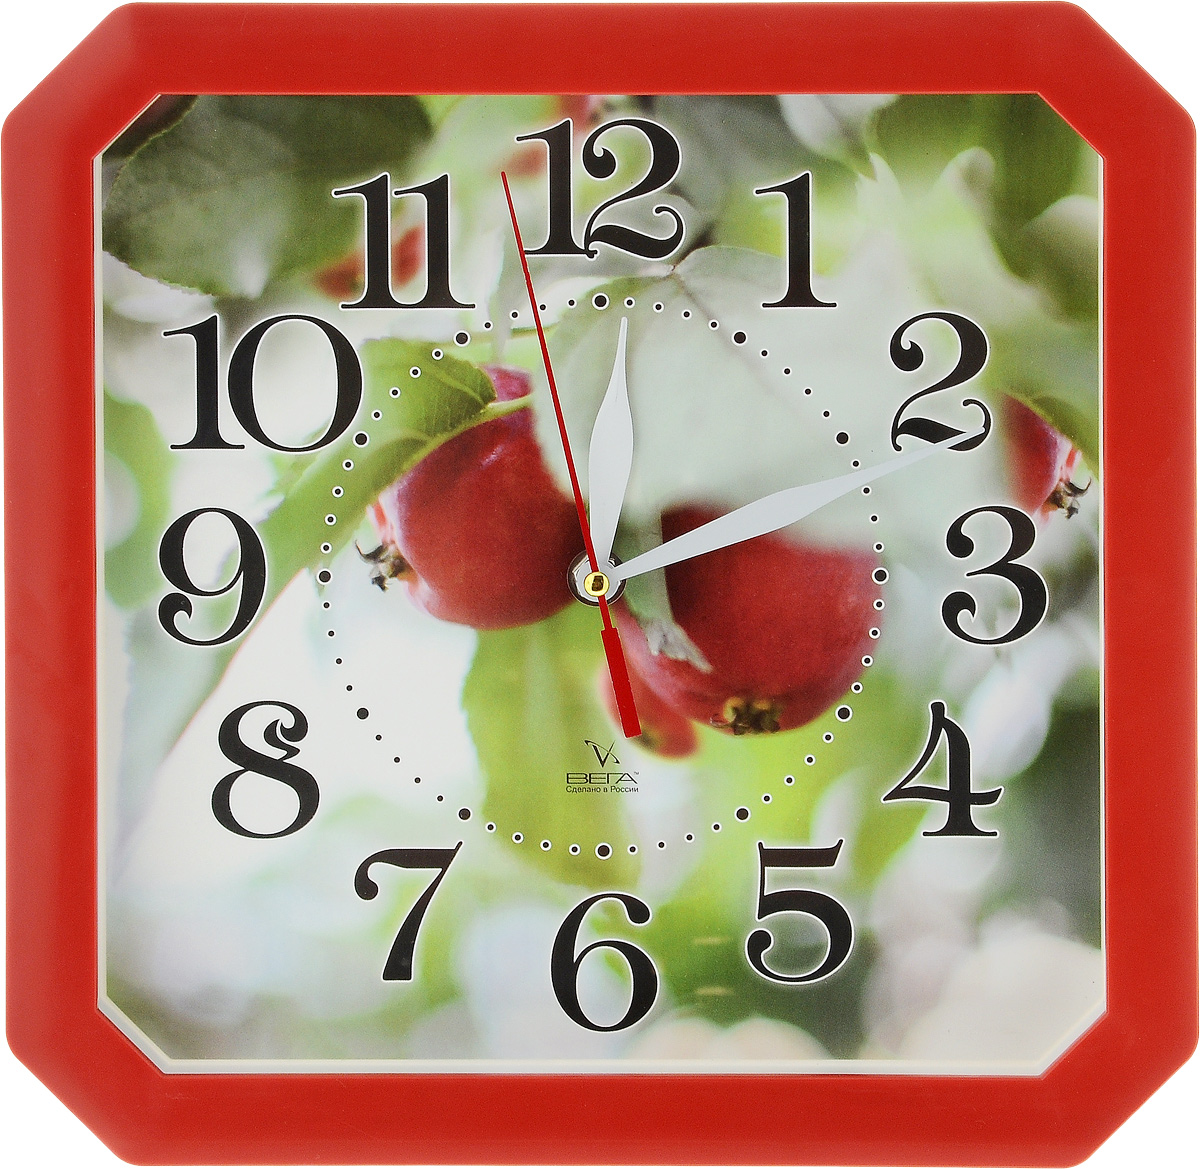 Часы настенные Вега Ранетки, 27,7 х 27,3 смП1-264/7-264Настенные кварцевые часы Вега Ранетки, изготовленные из пластика, прекрасно впишутся в интерьер вашего дома. Часы имеют три стрелки: часовую, минутную и секундную, циферблат защищен прозрачным стеклом. Часы работают от 1 батарейки типа АА напряжением 1,5 В (не входит в комплект). Прилагается инструкция по эксплуатации.